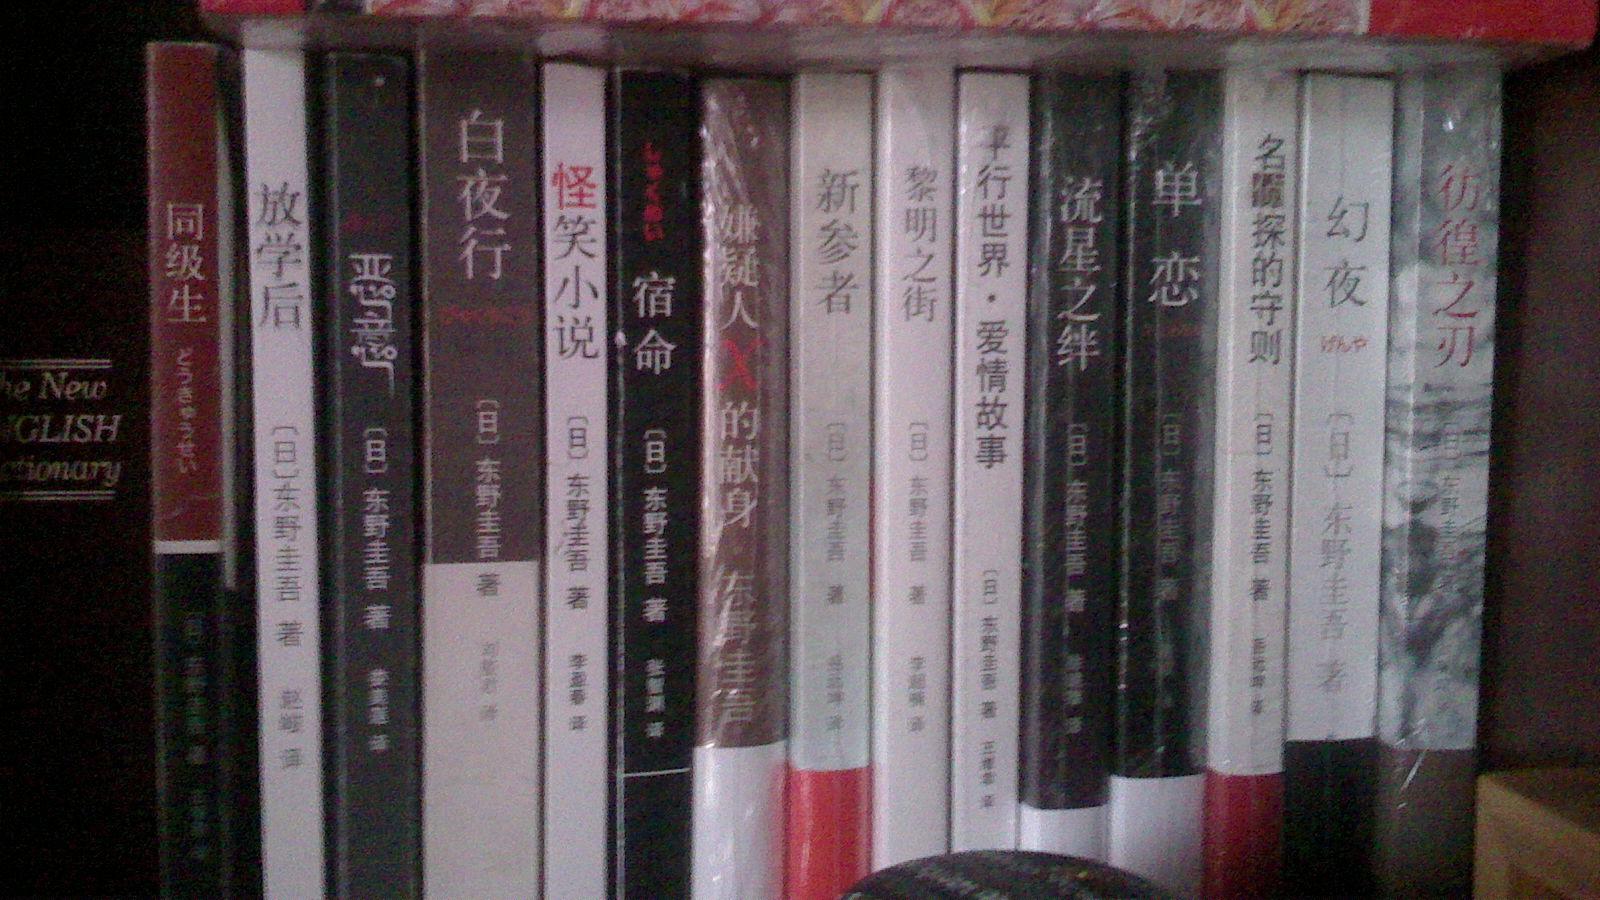 书籍瞧一瞧看一看